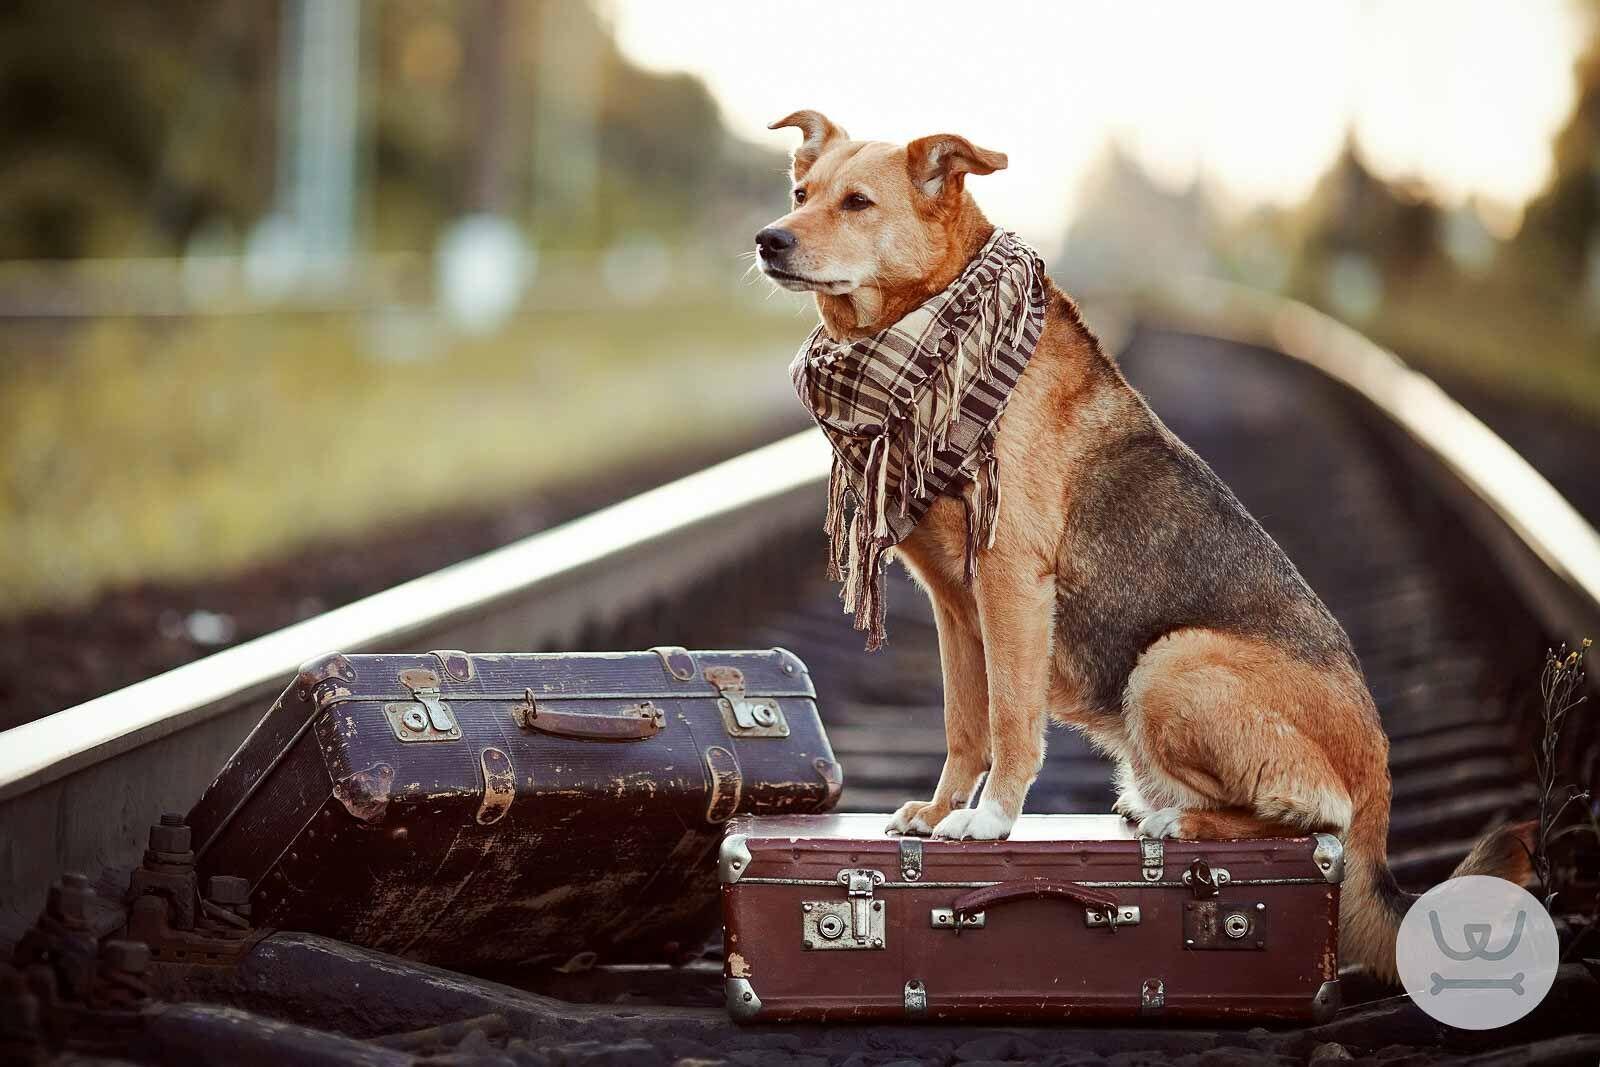 4b3a27349519 Woofland - Άρθρα - Σκύλος μετακίνηση και μέσα μεταφοράς.